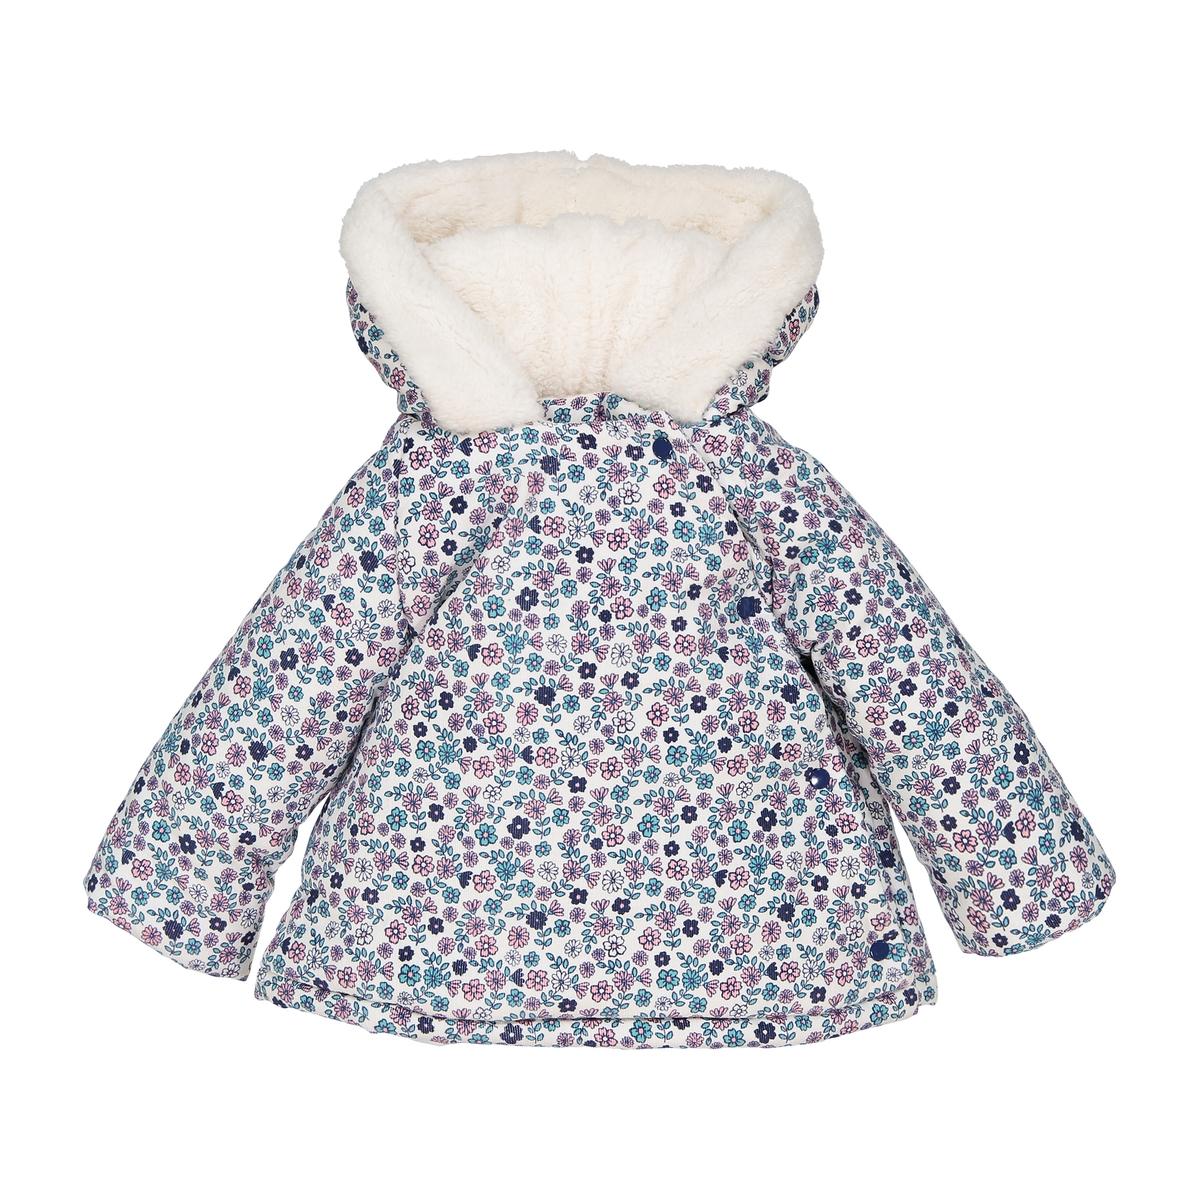 Куртка стеганая для новорожденного из велюра, 1 мес. - 3 года